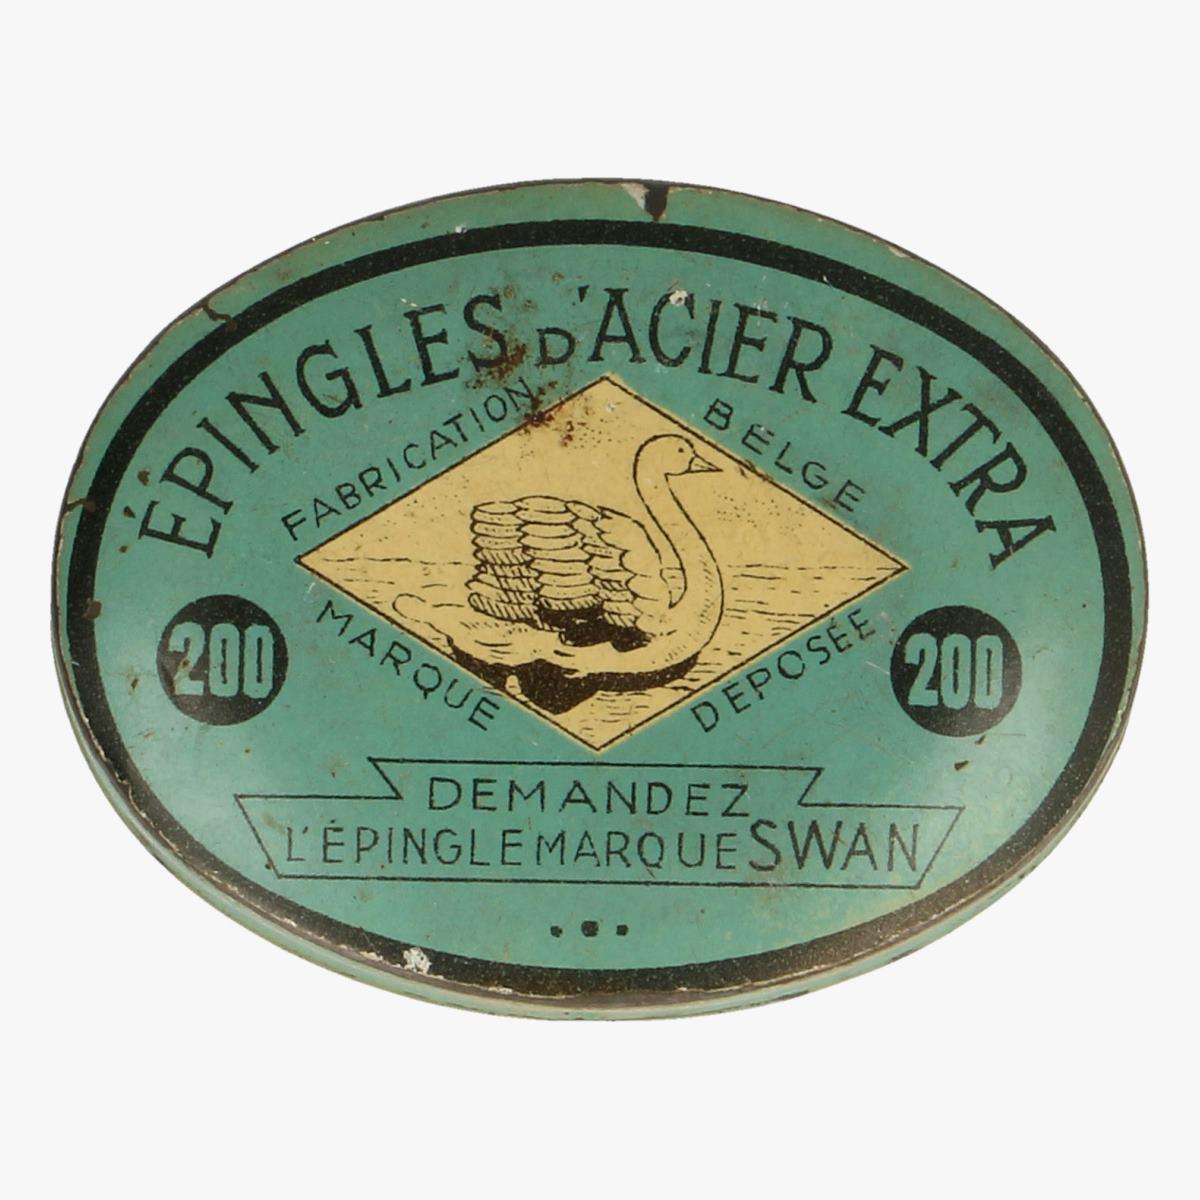 Afbeeldingen van blikken doosje epingles d'acier extra fabrication belge